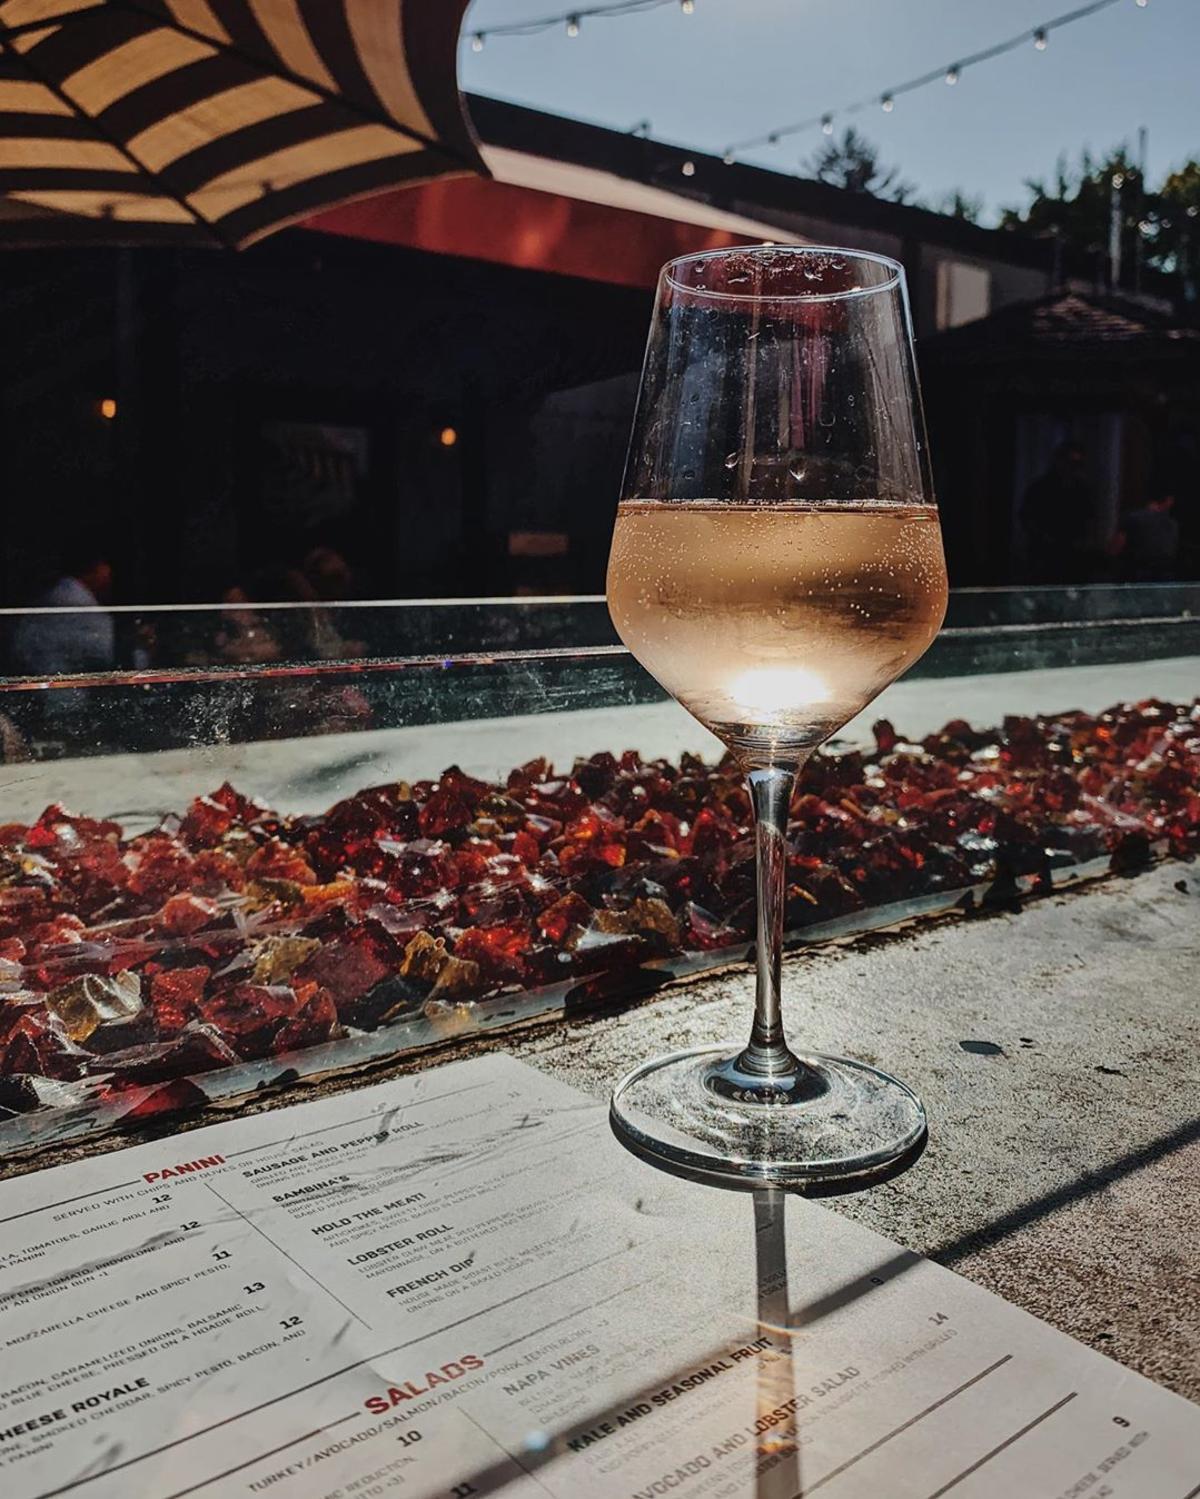 在普罗斯特露台的户外火炉旁,来一杯葡萄酒!Frankenmuth的酒吧和Charcuterie